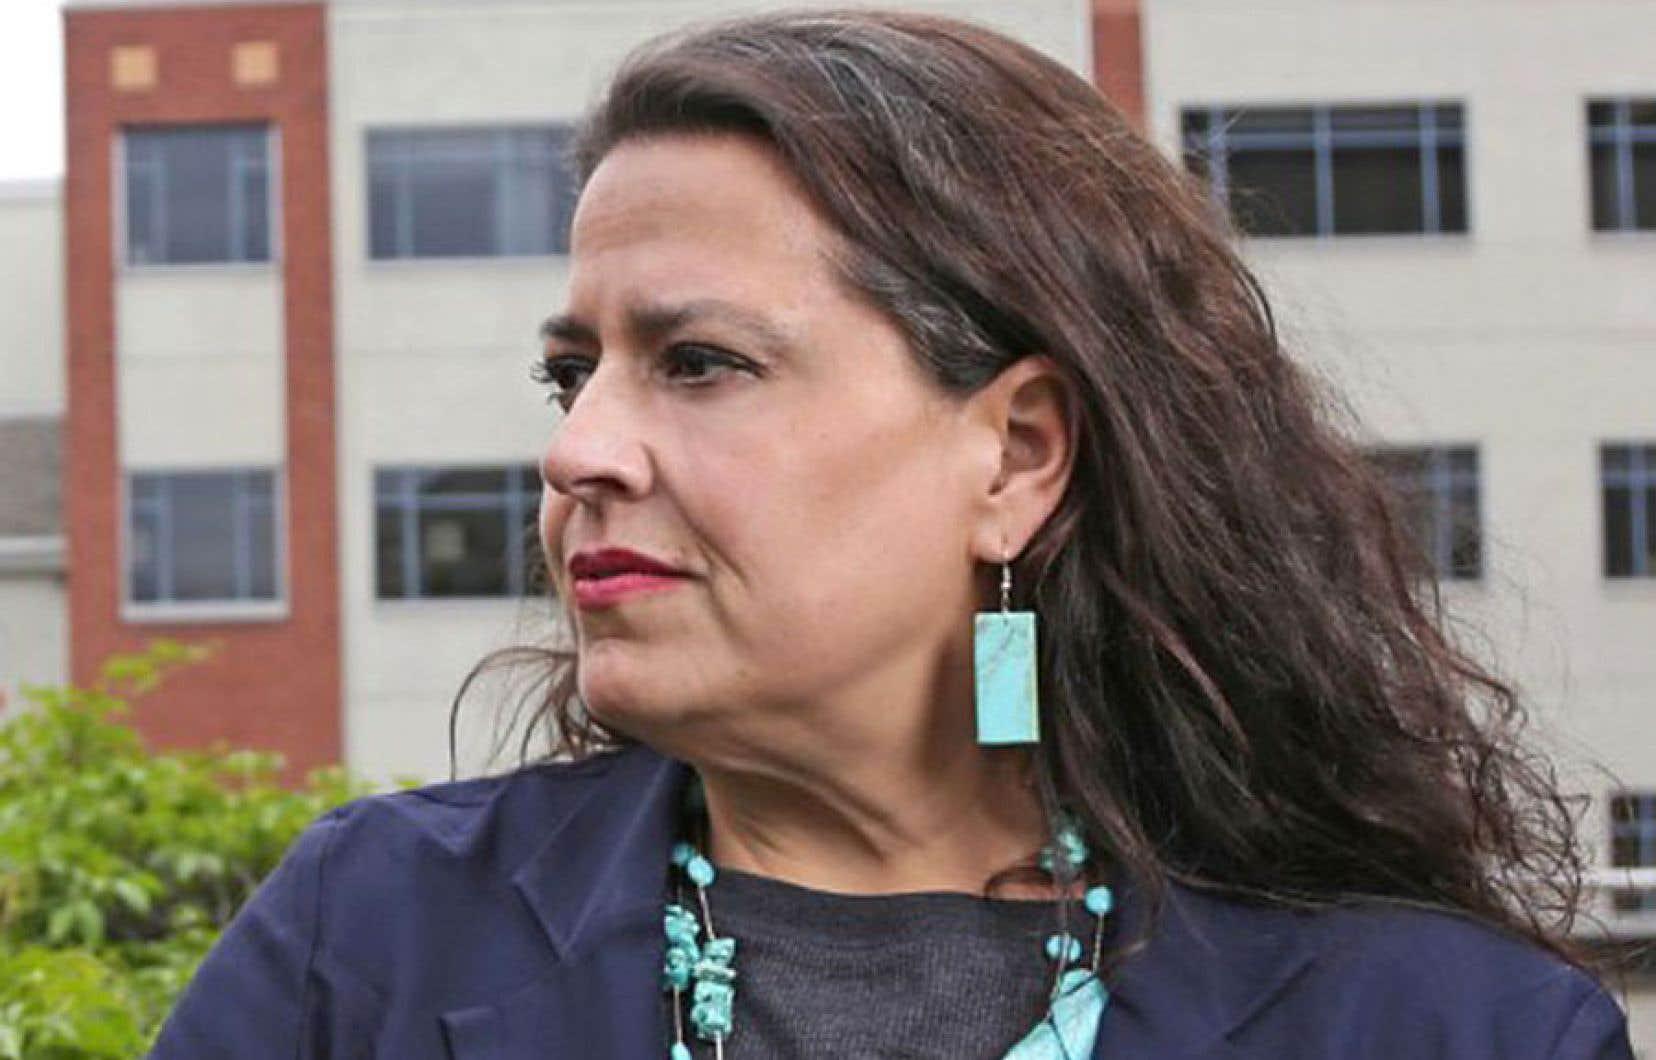 Tracey Lindberg appartient à la nation autochtone de Kelly Lake, au nord-ouest d'Edmonton. La vie de Bernice est inspirée en partie de son histoire, mais aussi de celle de femmes autochtones qu'elle a connues.